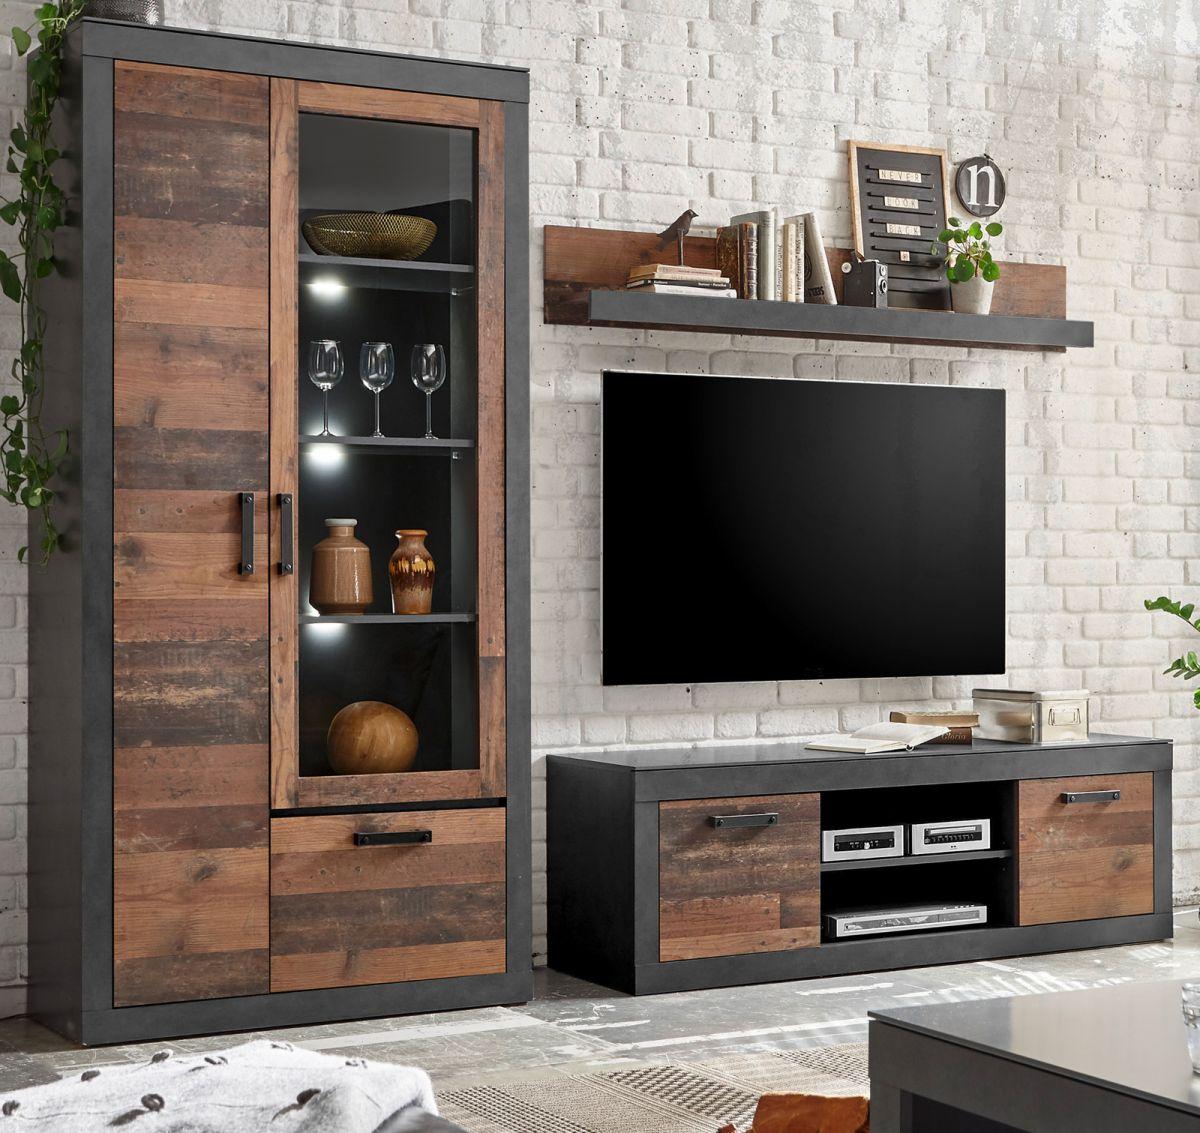 Wohnwand 3-teilig Ward in Used Wood Shabby und Matera grau 260 x 201 cm